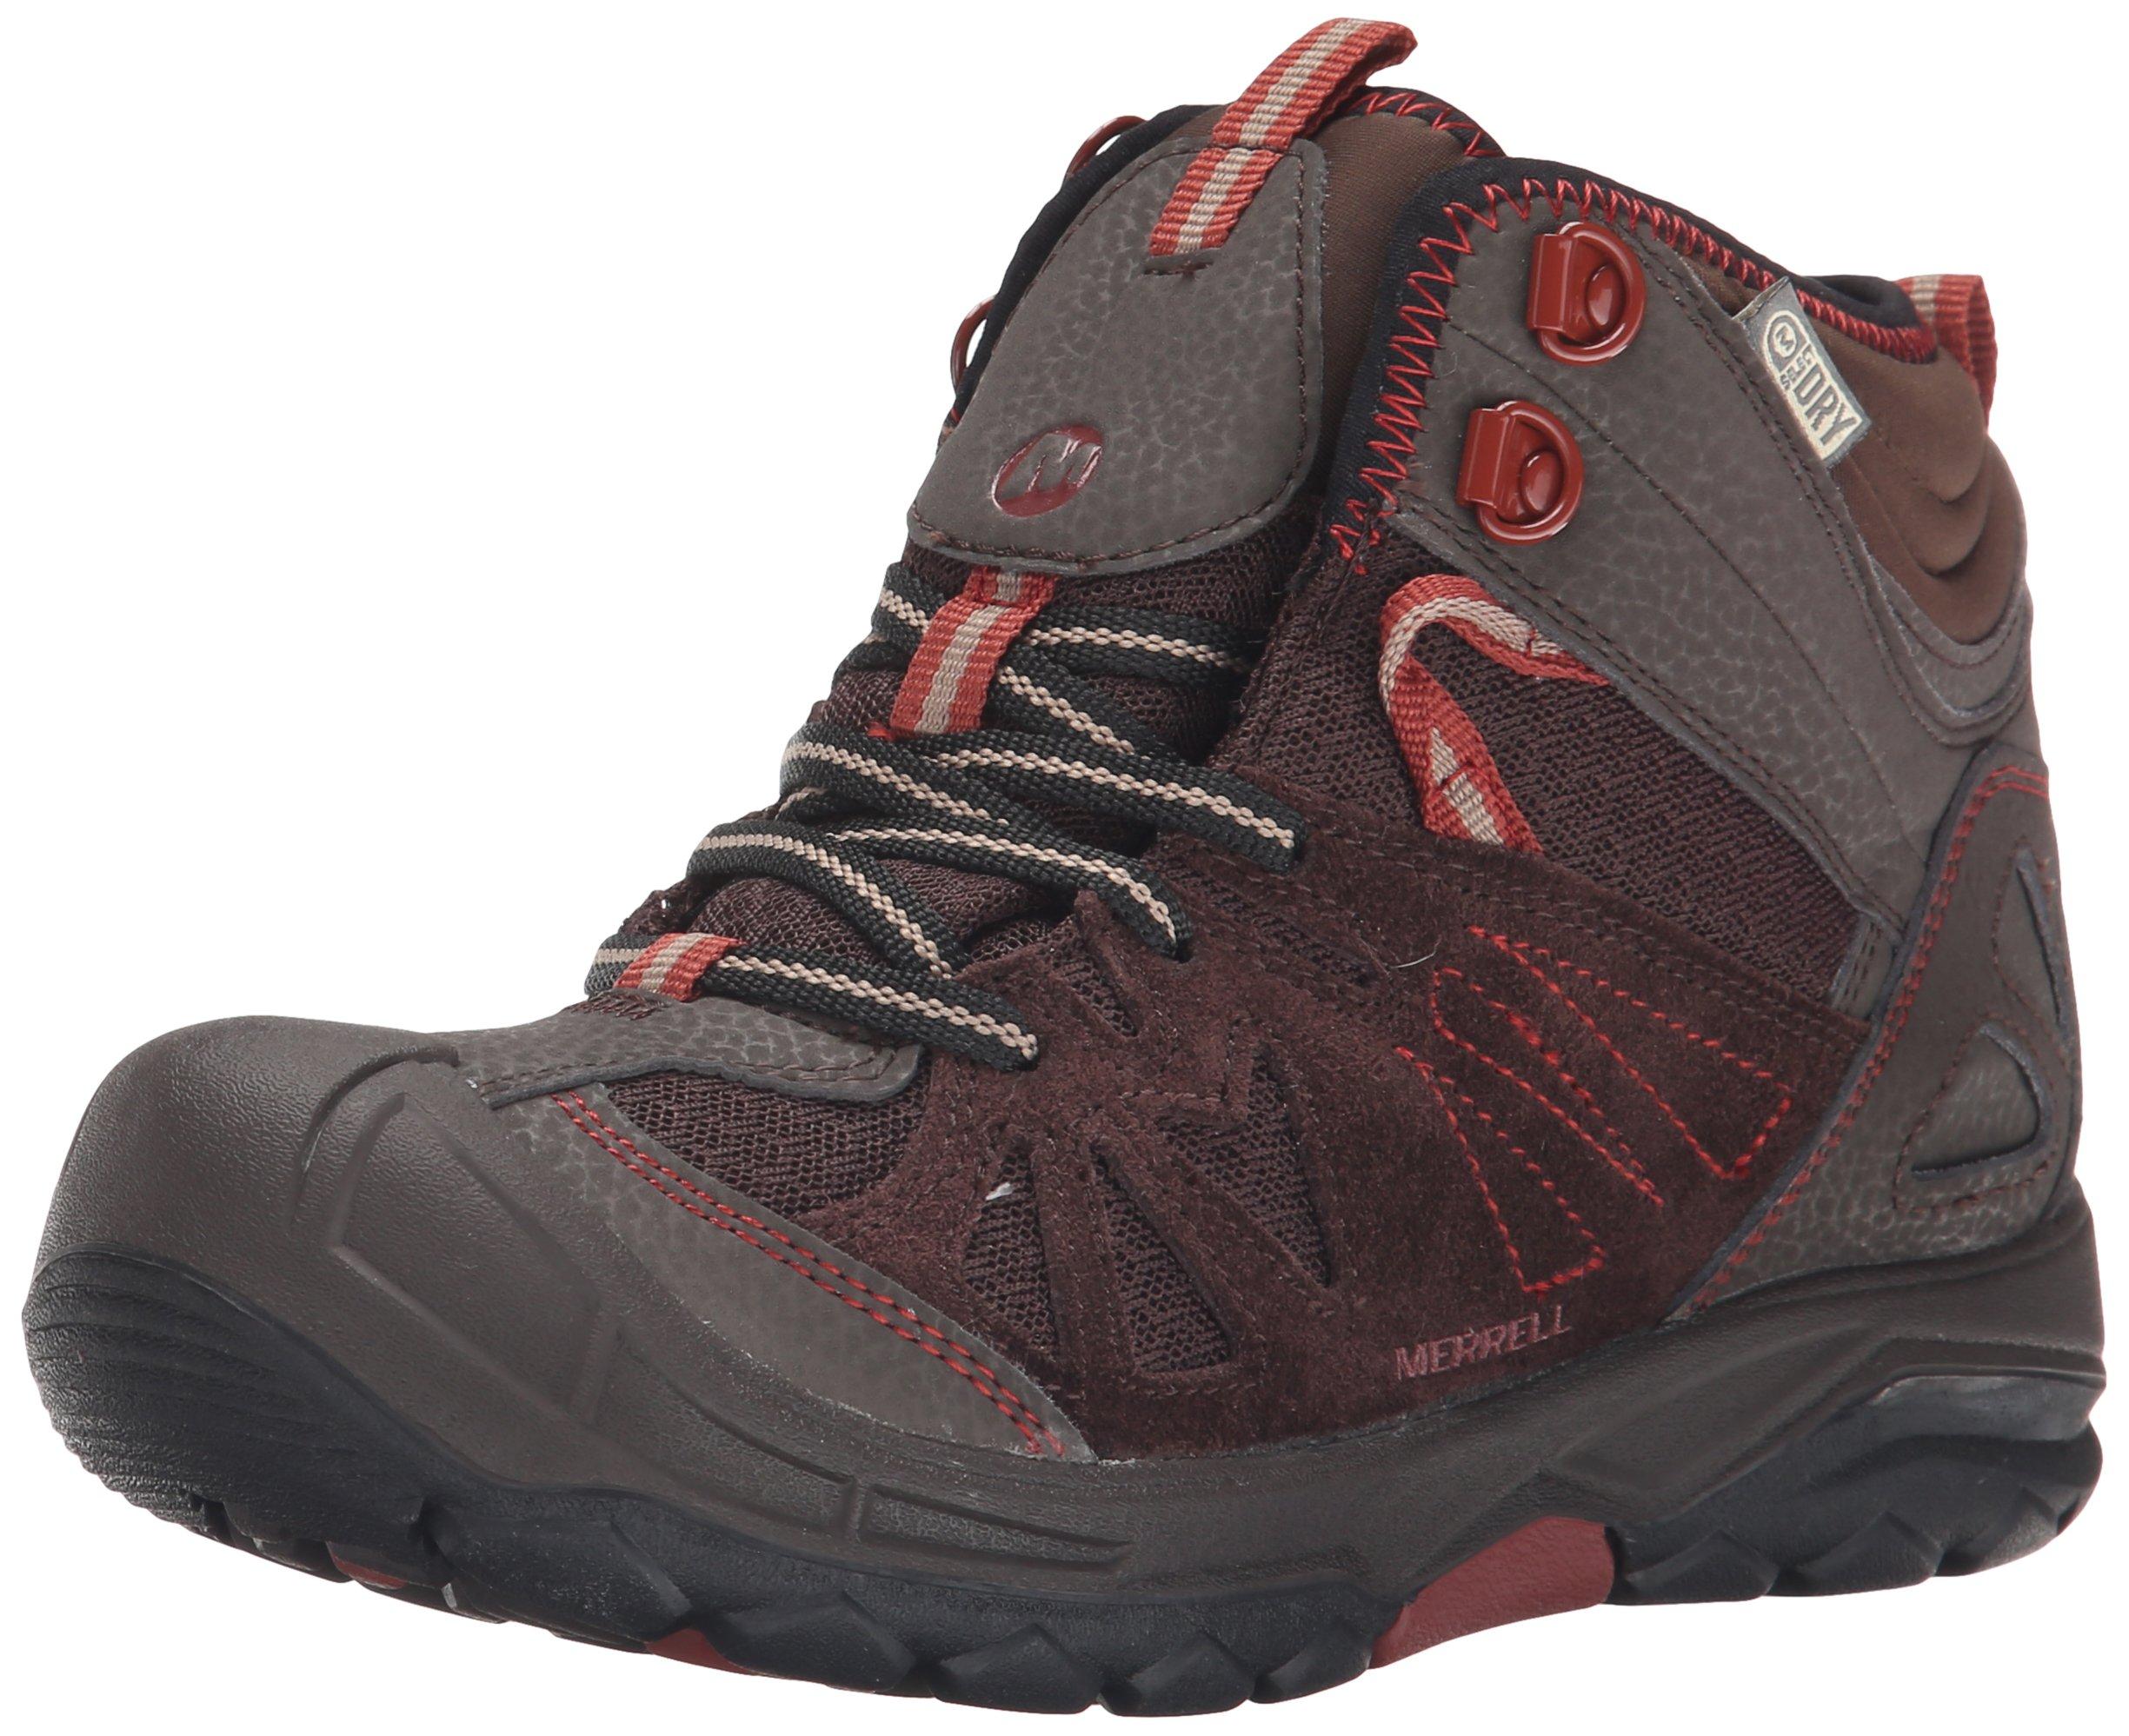 Merrell Capra Mid Waterproof Hiking Boot (Toddler/Little Kid/Big Kid),Brown,5 M US Big Kid